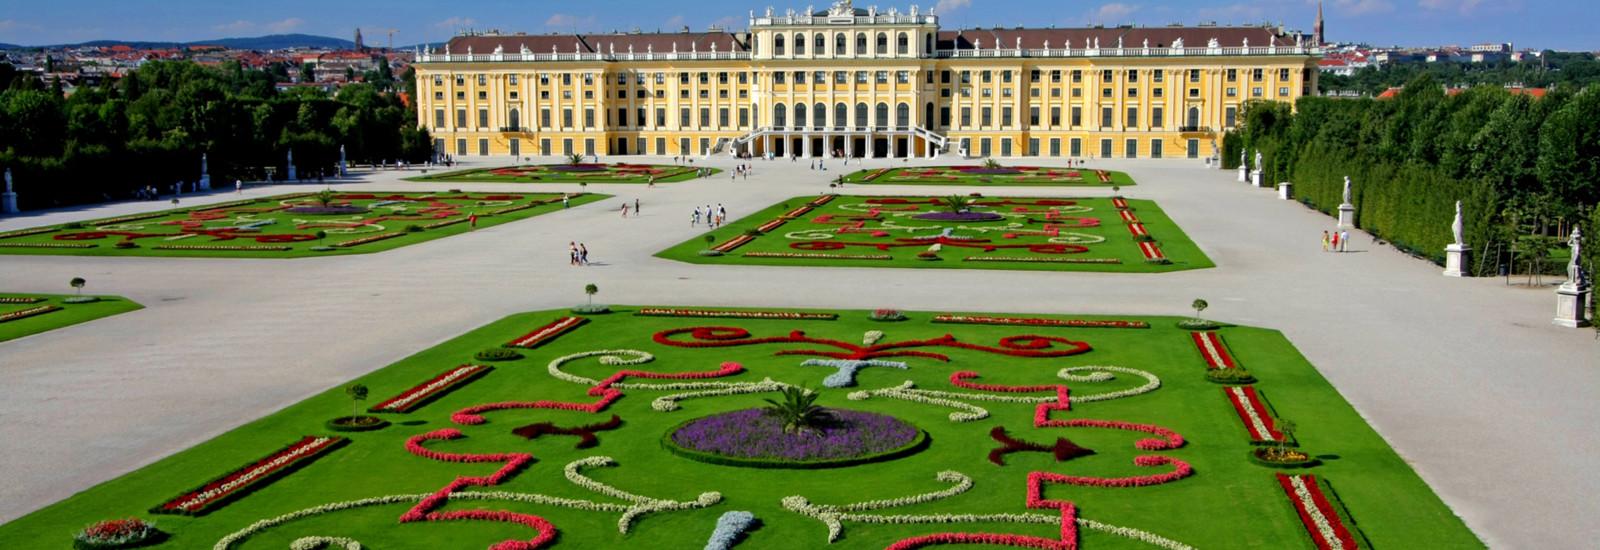 Ansicht Schloß Schönbrunn